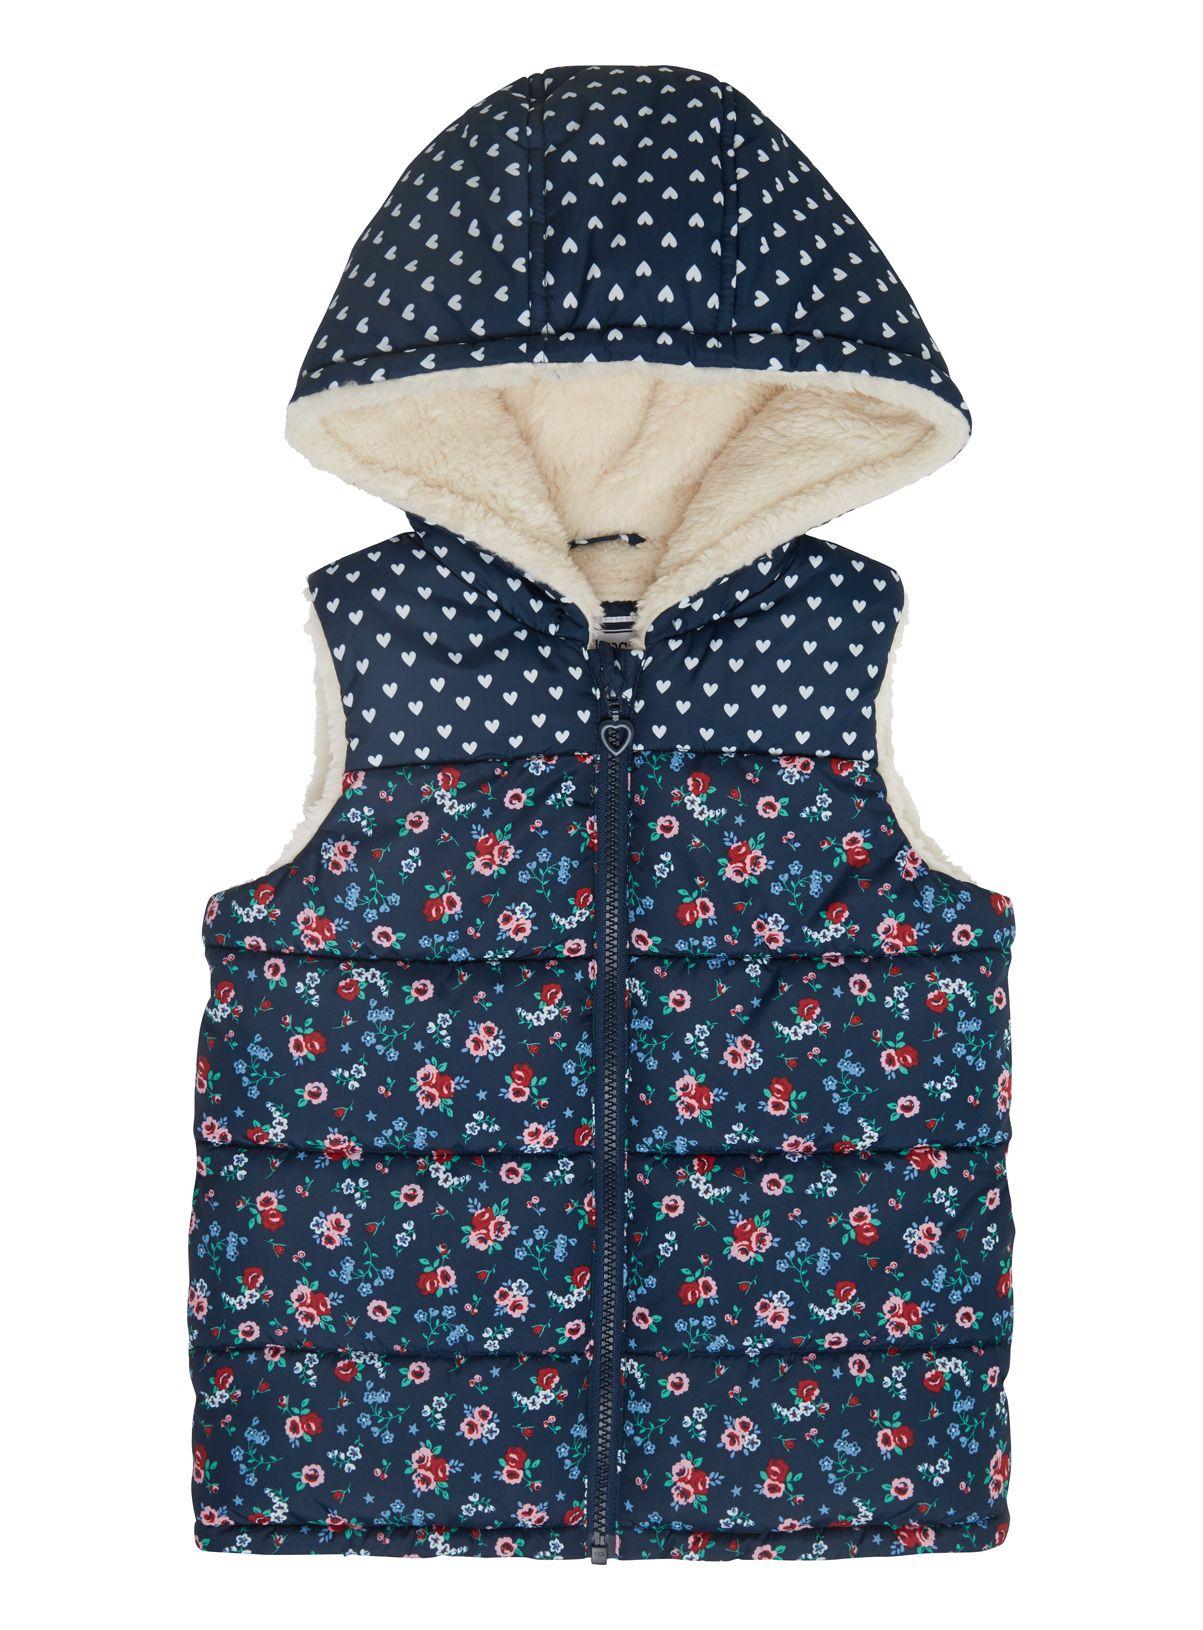 White apron sainsburys - Months 5 Years Tu At Sainsburys Girls Navy Floral Print Gilet 10